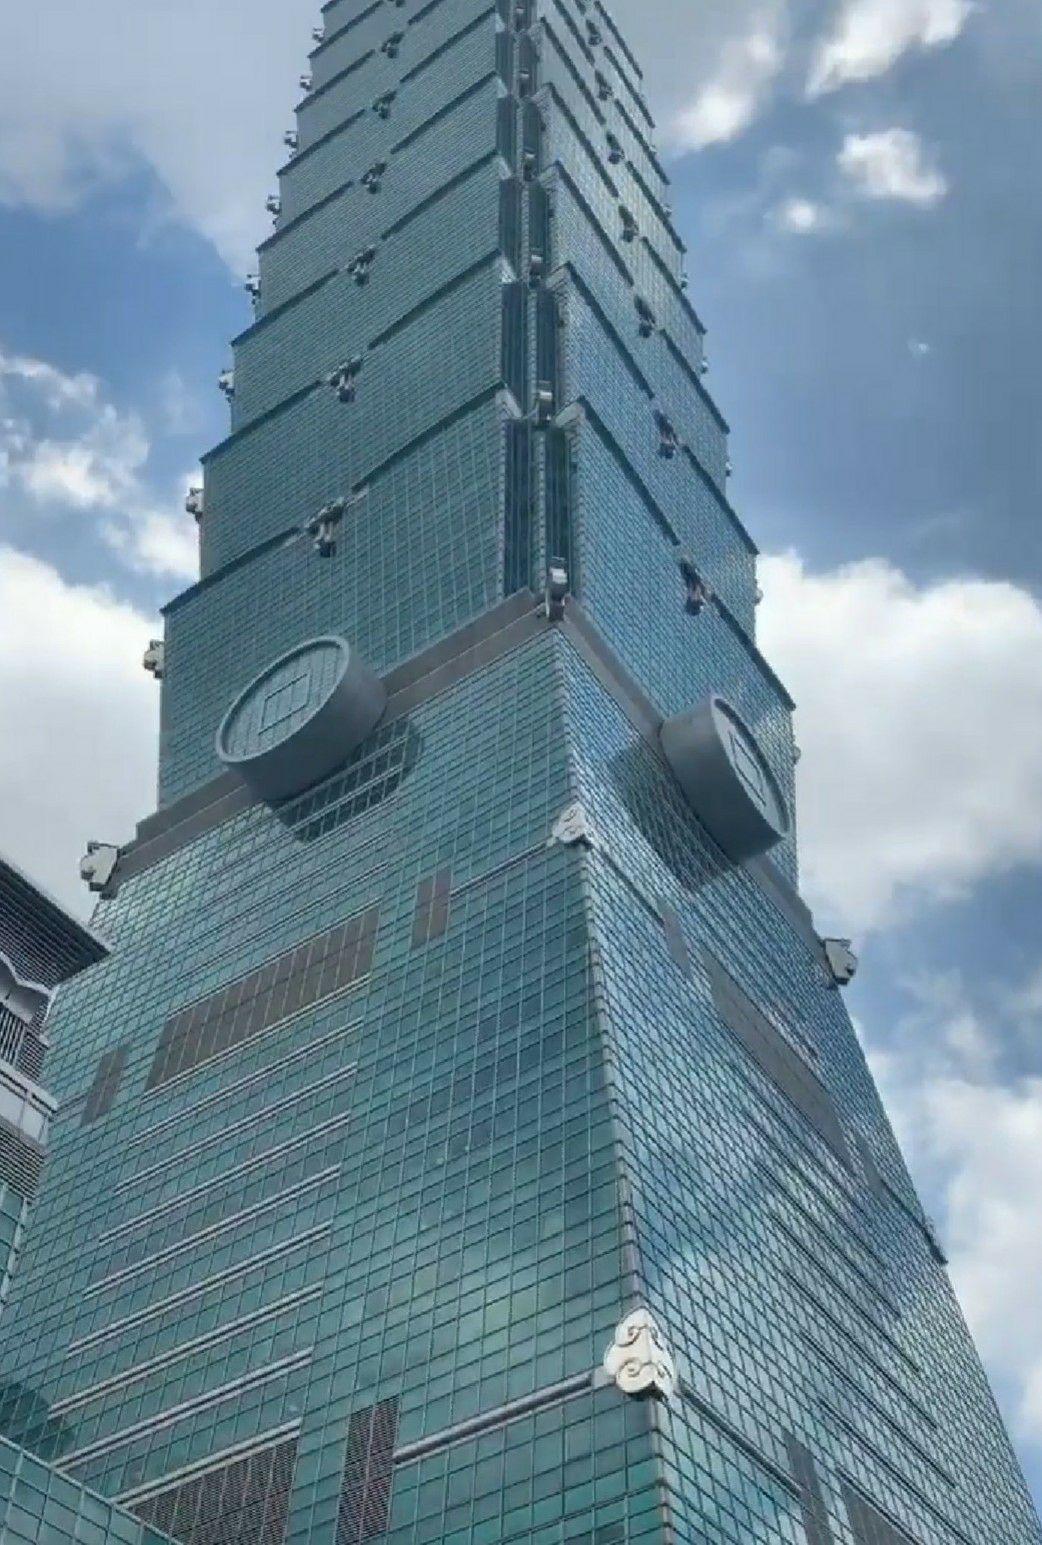 勞動處處長江明志表示,目前除了要查明吊籠發生意外的原因之外,是否有相關管理上的安...